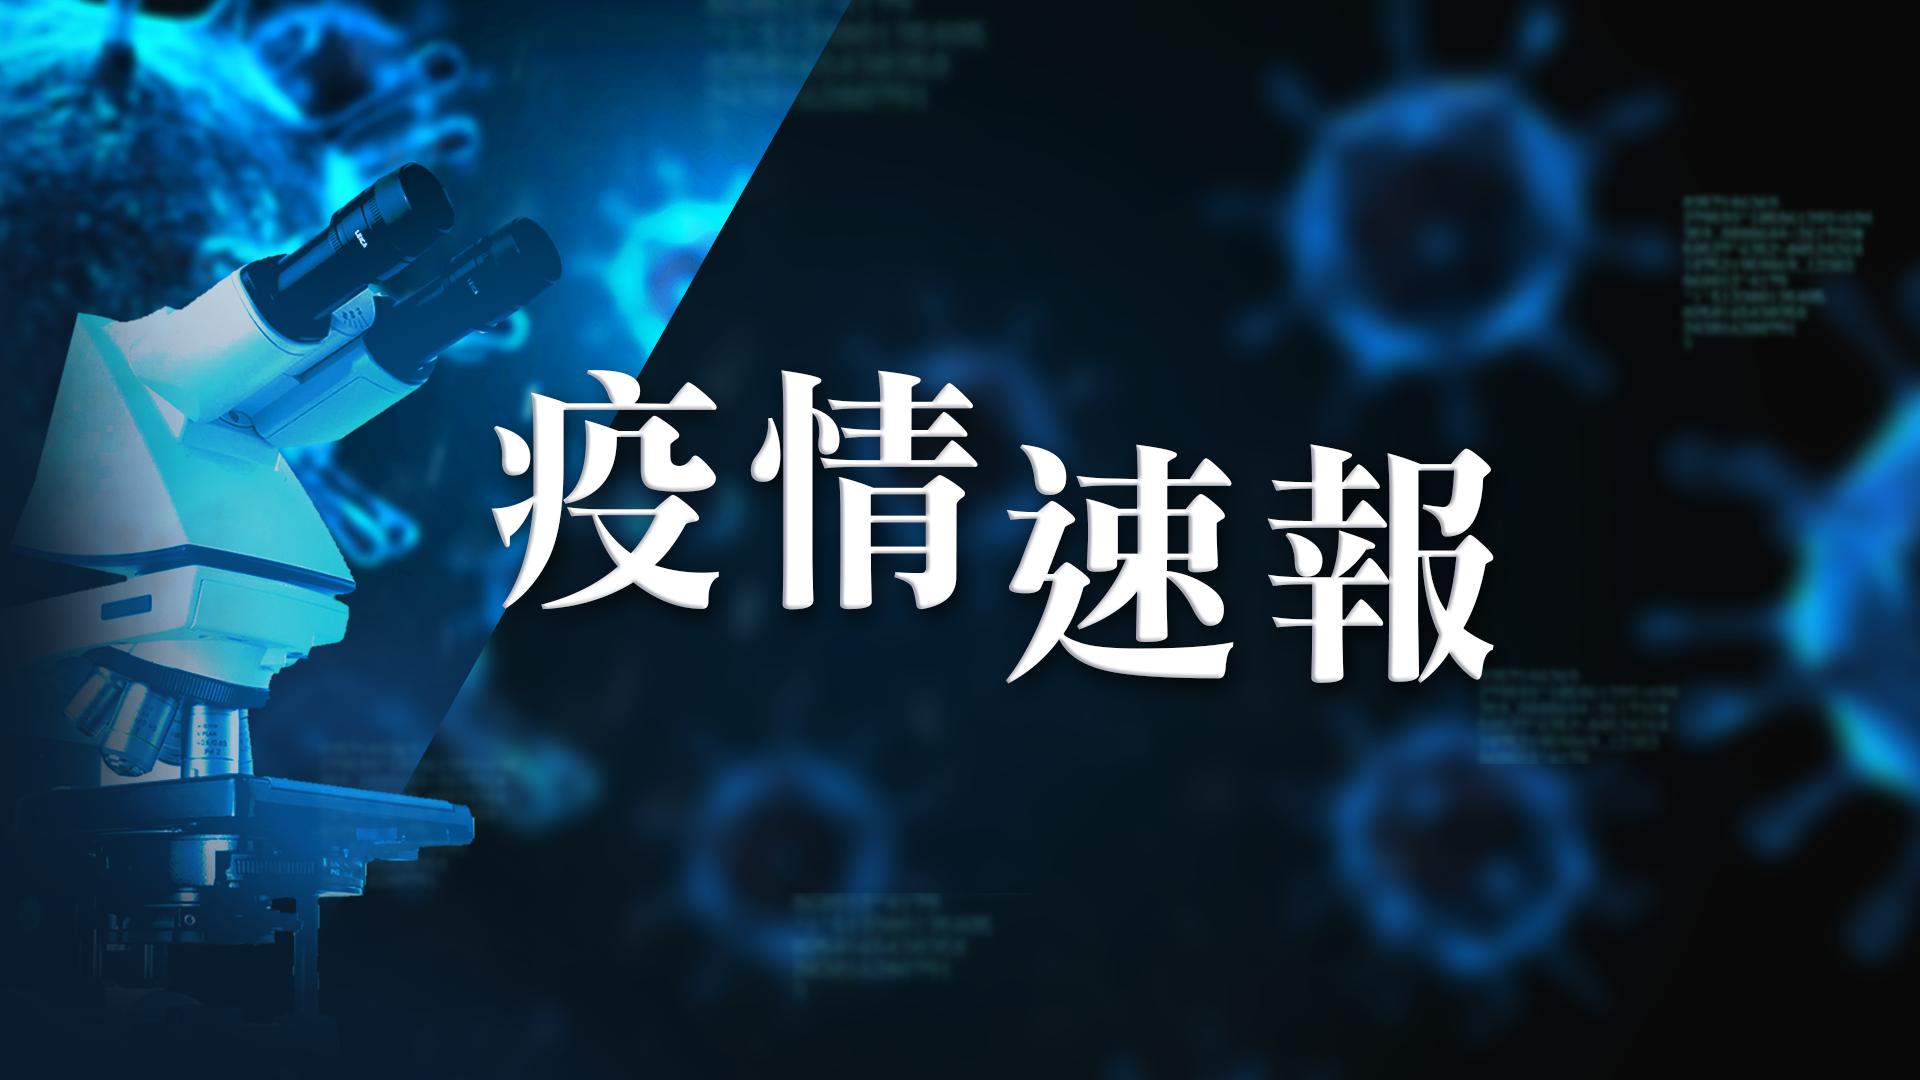 【1月27日疫情速報】(12:15)